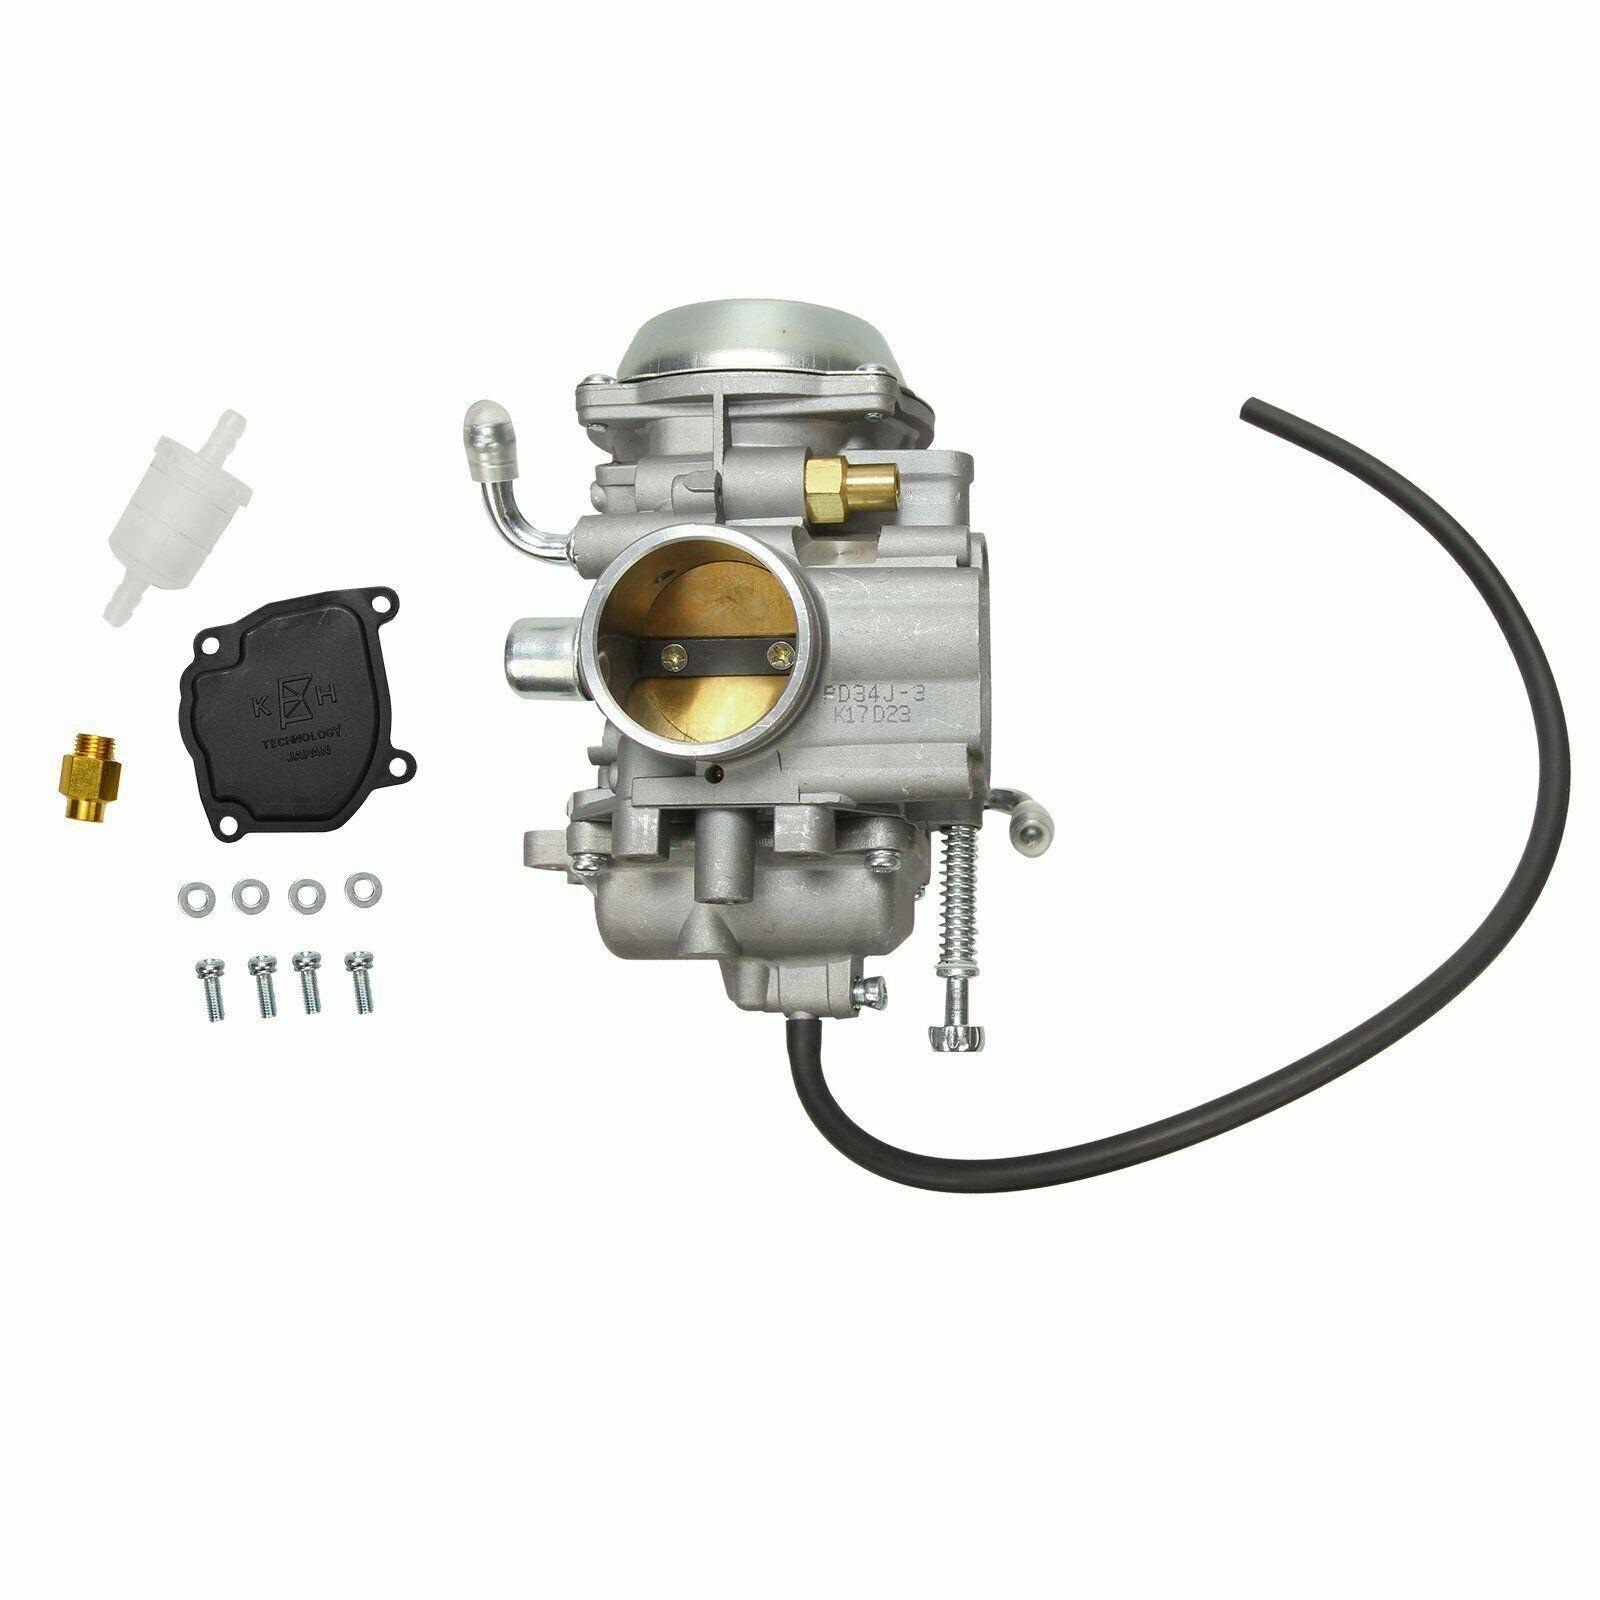 polaris sportsman carburetor carb 2000 4x4 1999 atv ho 4wd magnum fits 2001 quad 2009 1995 ranger assembly 2x4 non